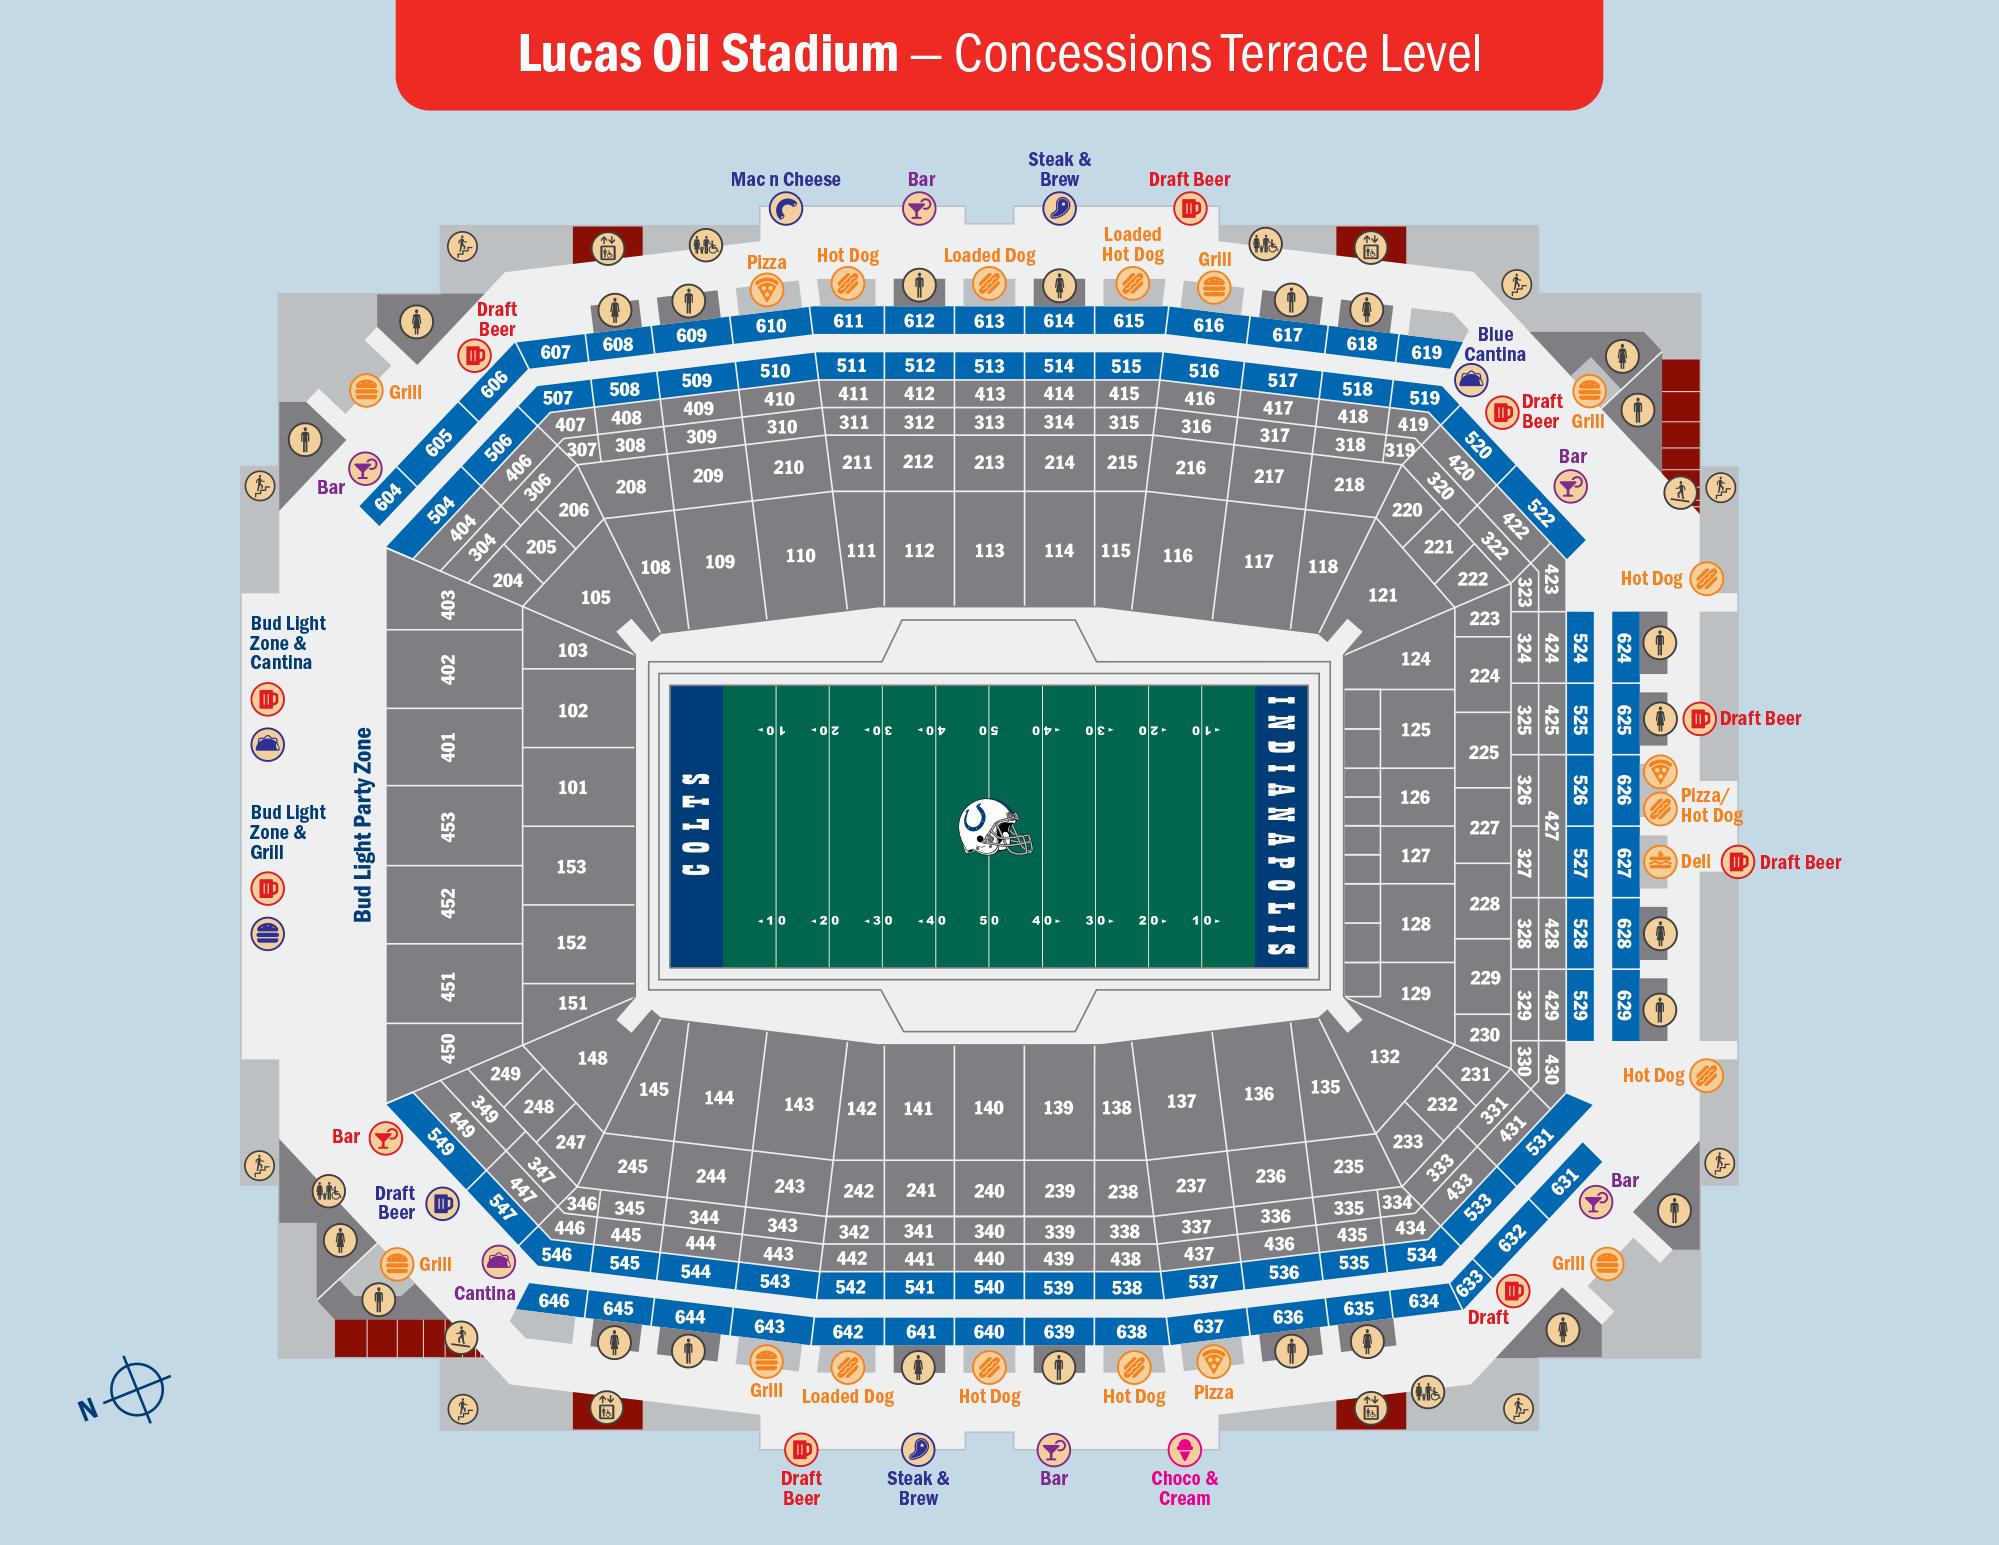 Lucas Oil Stadium Concessions Terrace Level